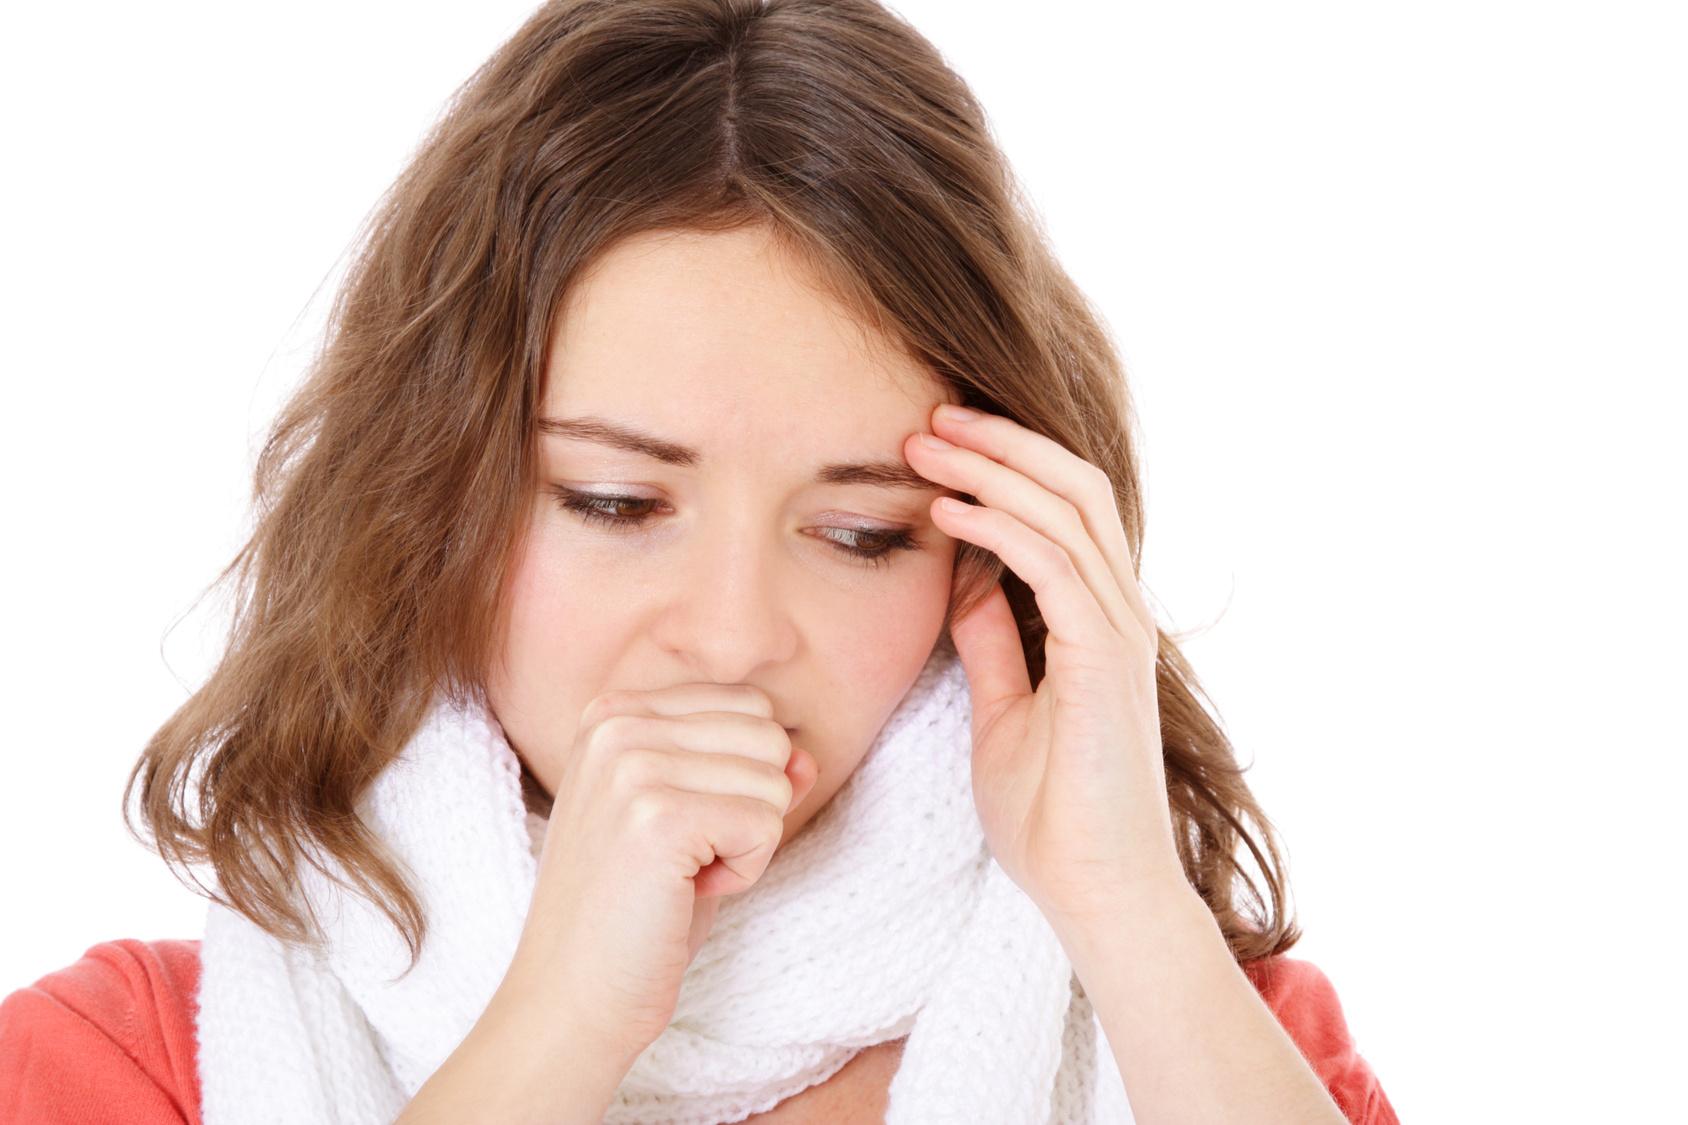 Кашель у взрослых, причины и лечение сильного сухого кашля у взрослых